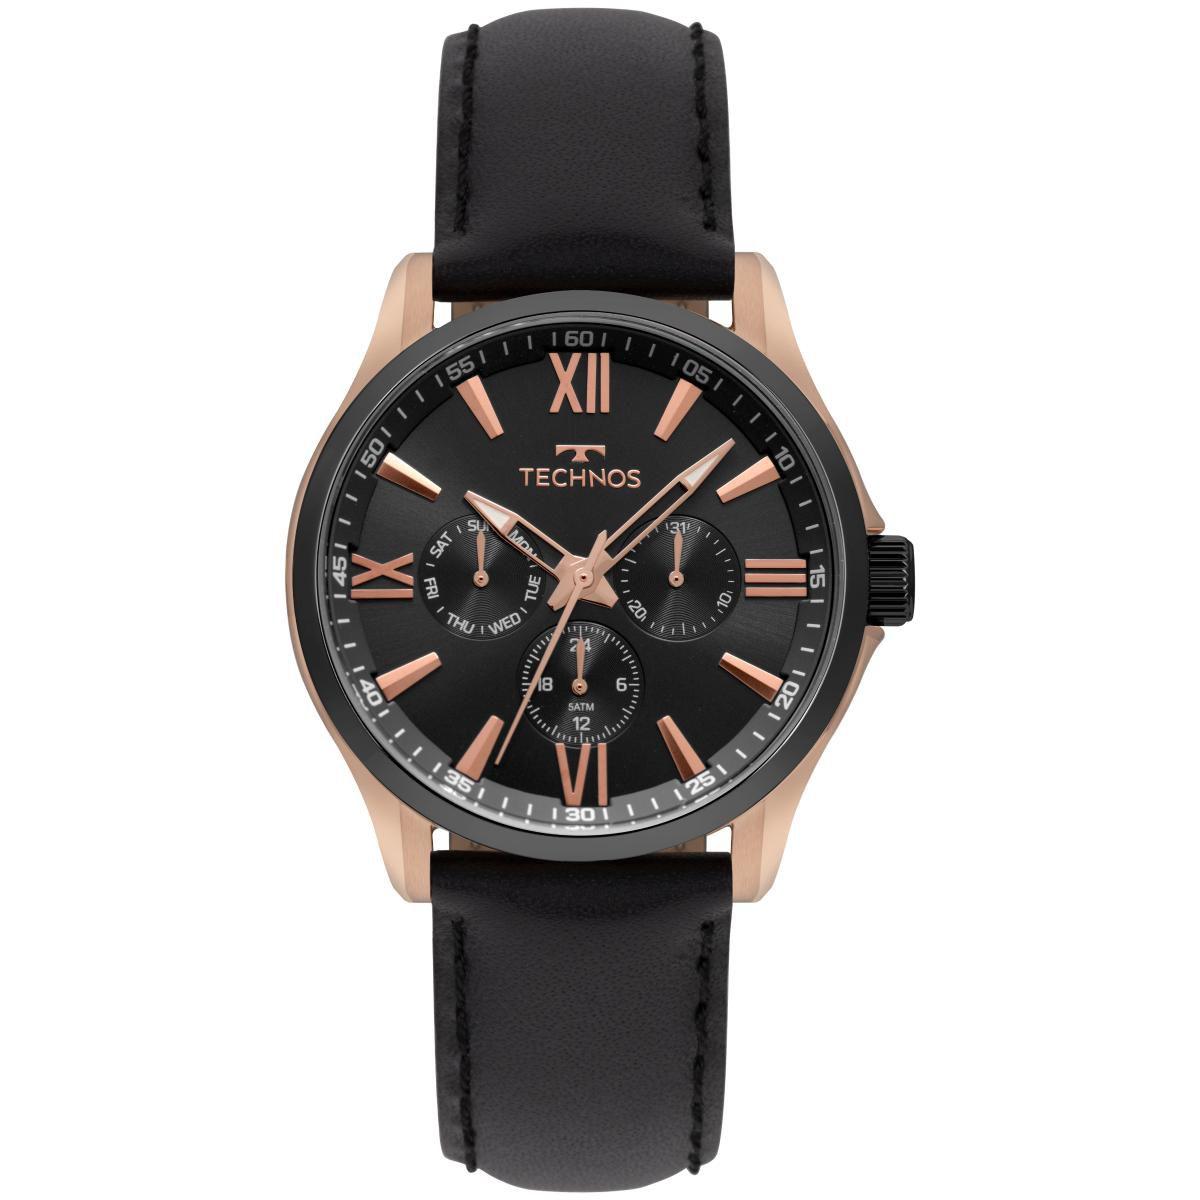 Relógio Masculino Technos Executive 6P29AJW/8P 41mm Couro Preto